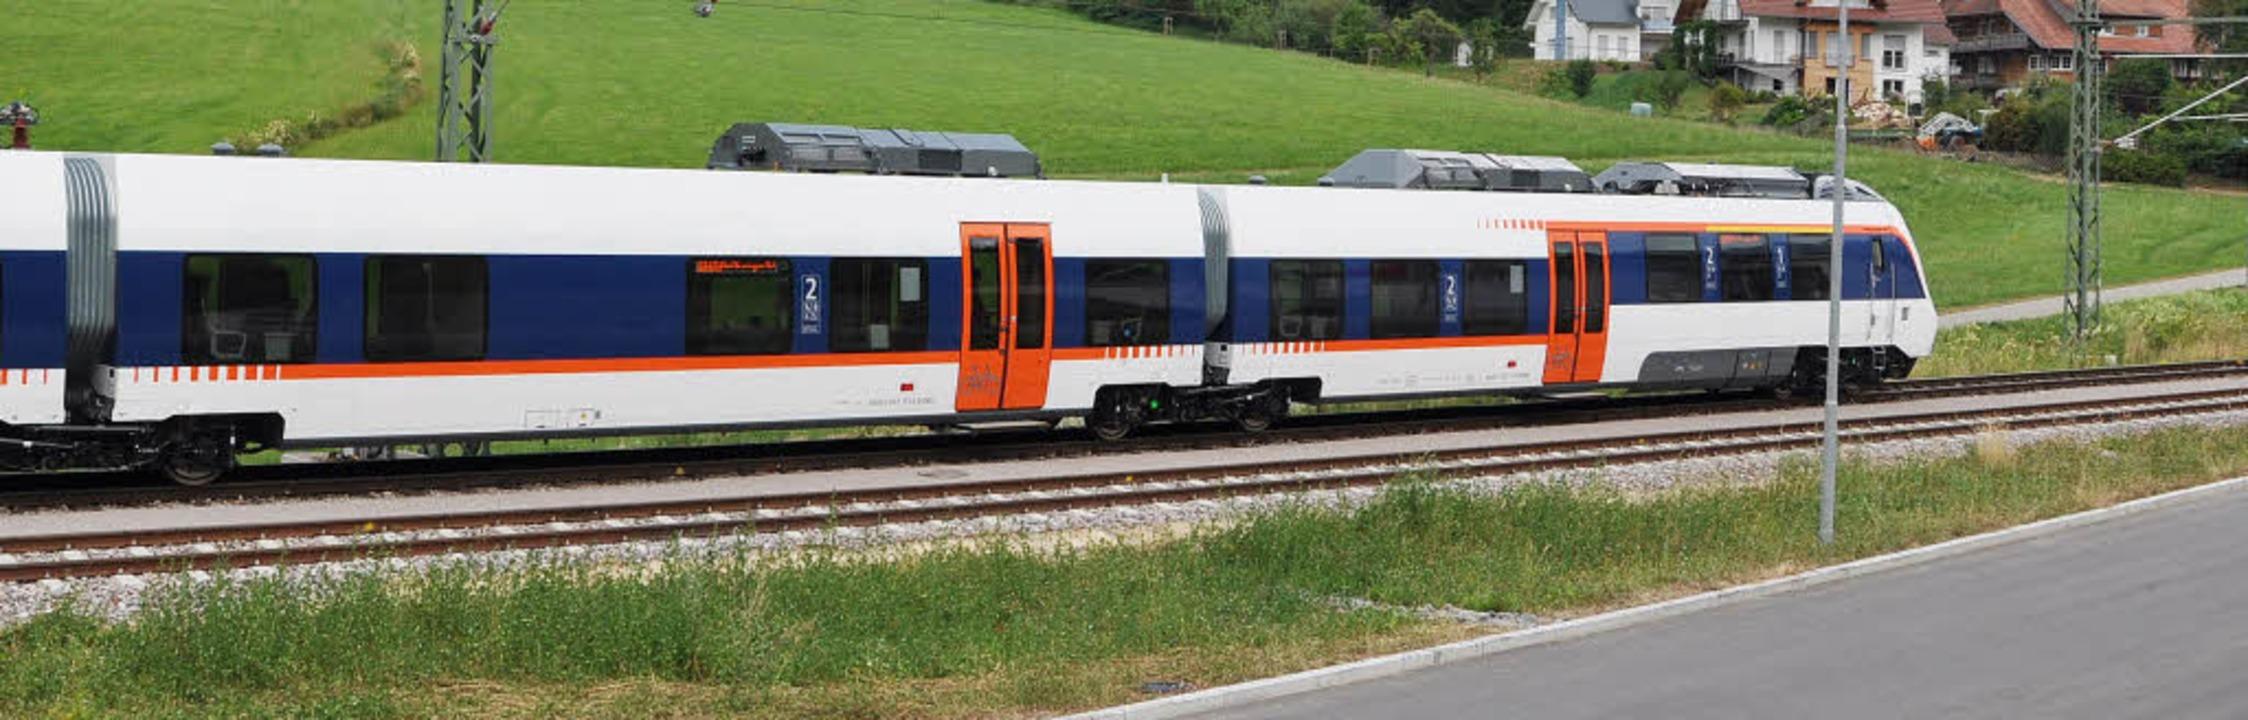 56 Meter lang sind die neuen Züge der Münstertalbahn, sie bieten 160 Sitzplätze.    Foto: Rainer Ruther